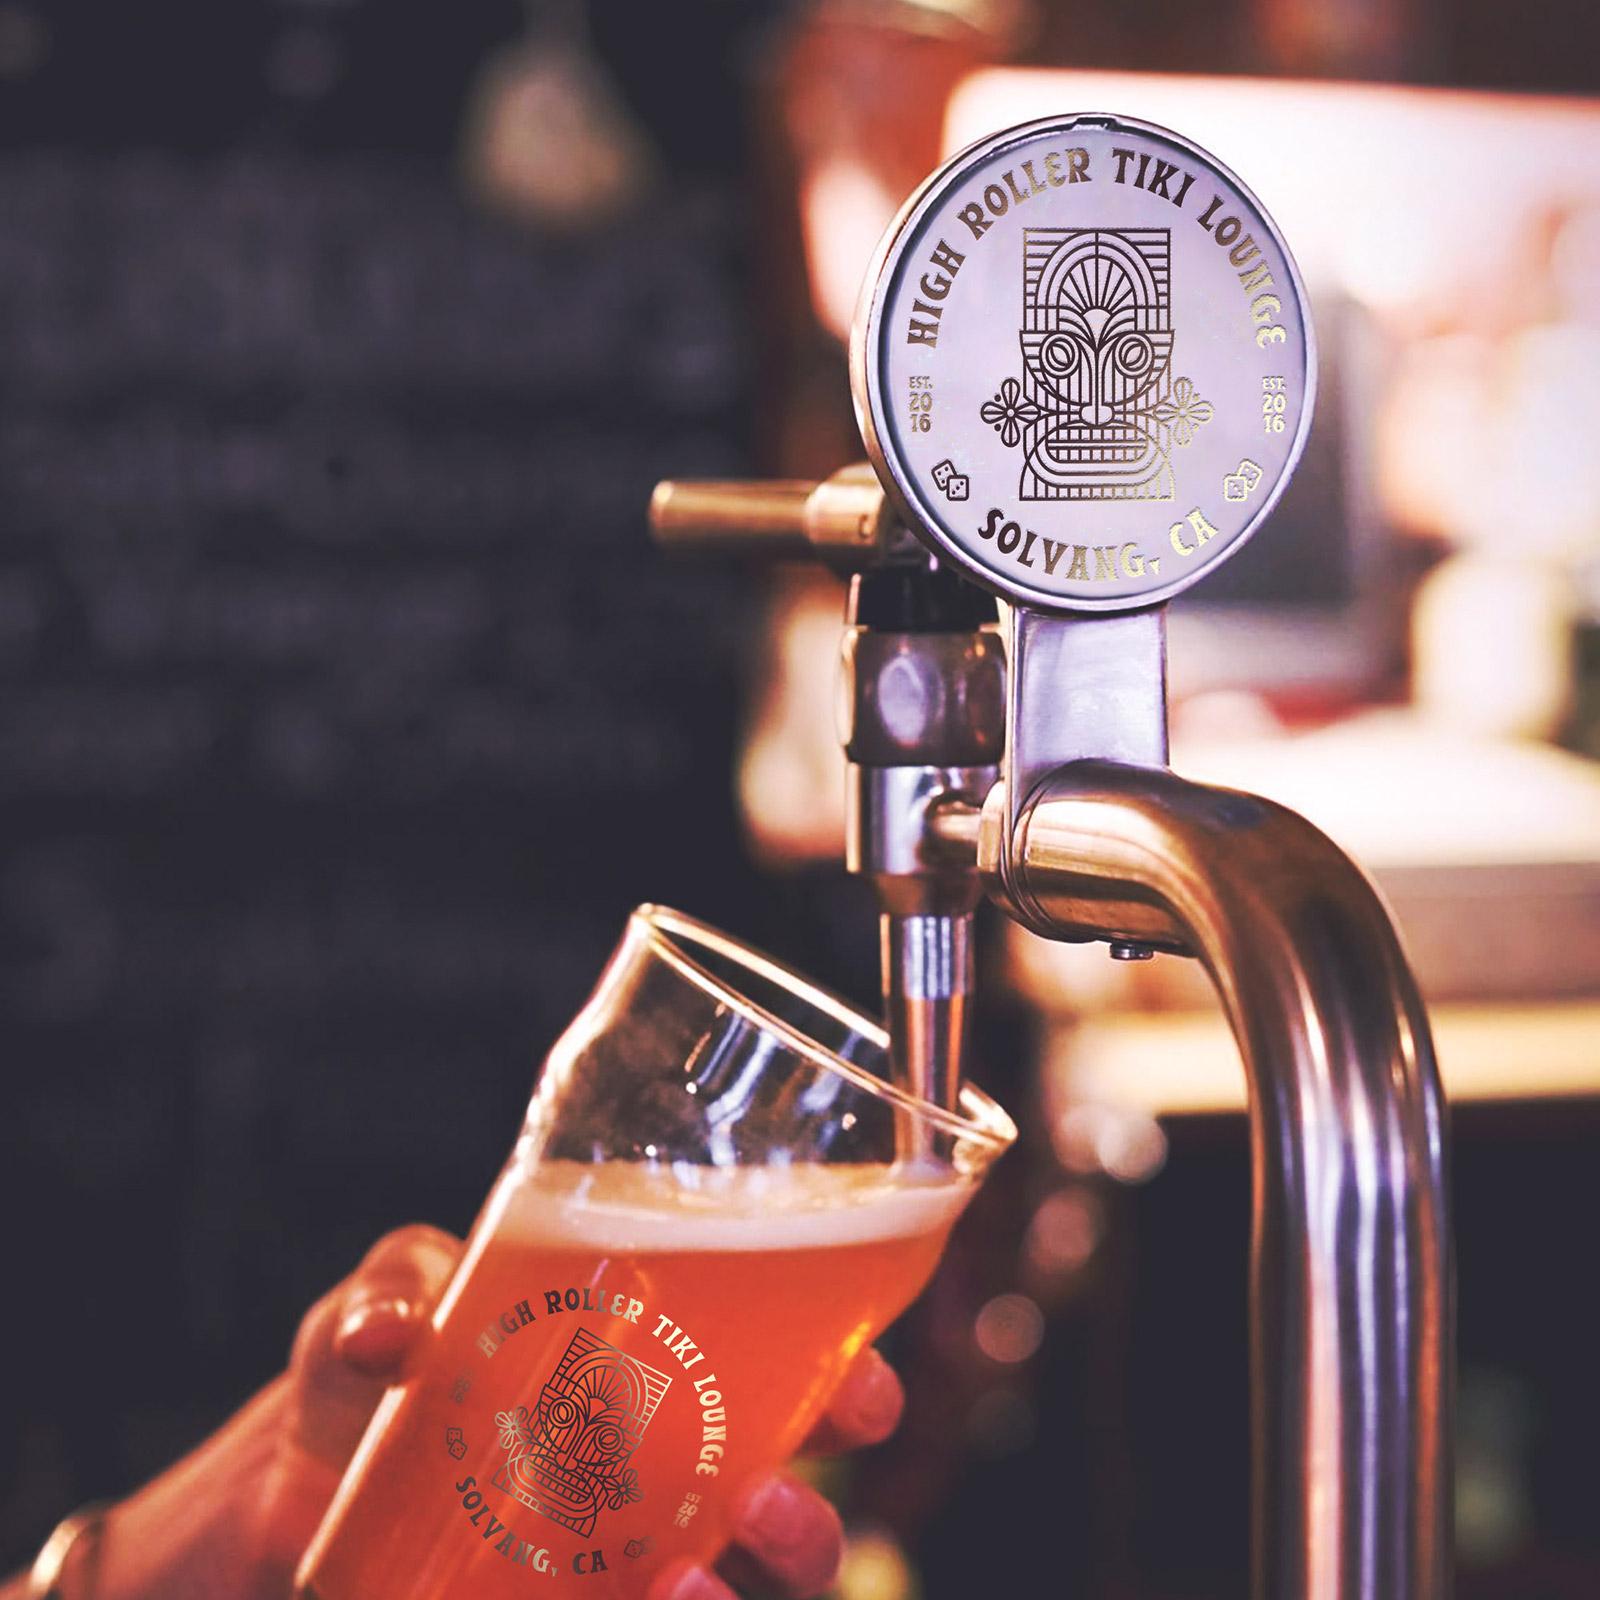 High Roller Tiki Lounge Beer Tap